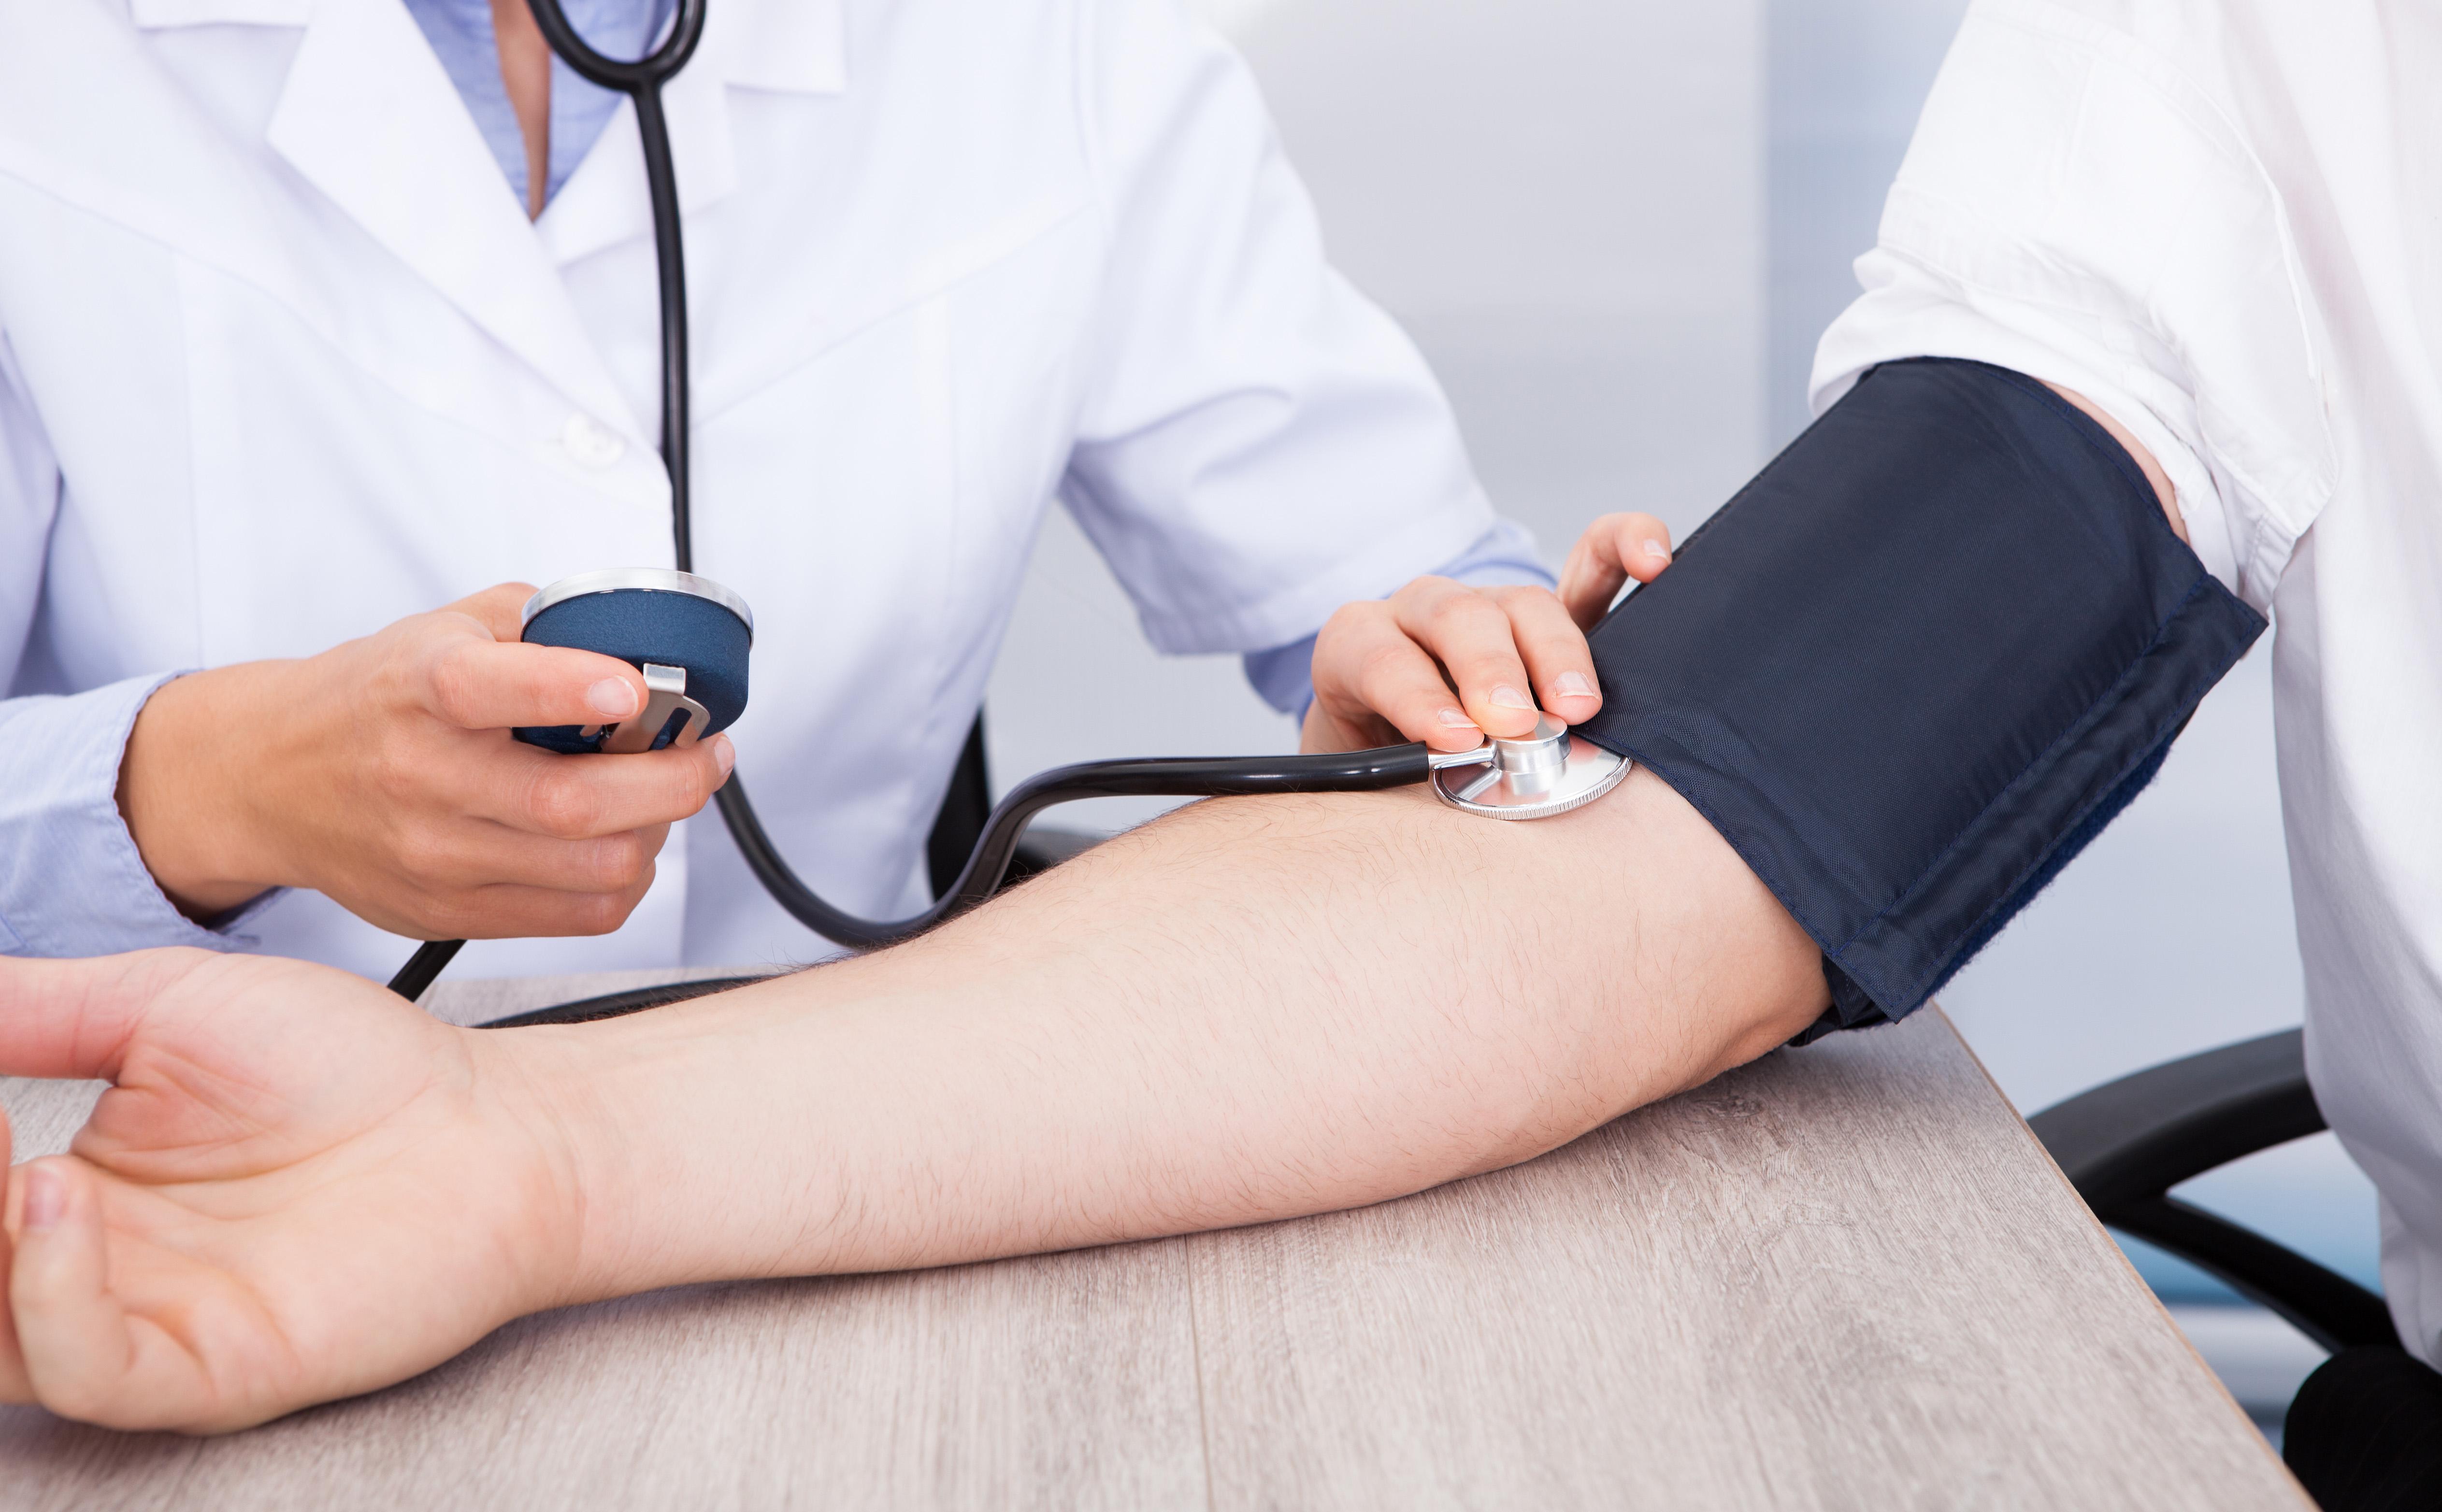 ideges magas vérnyomás kezelése Magas vérnyomásom van milyen étrend